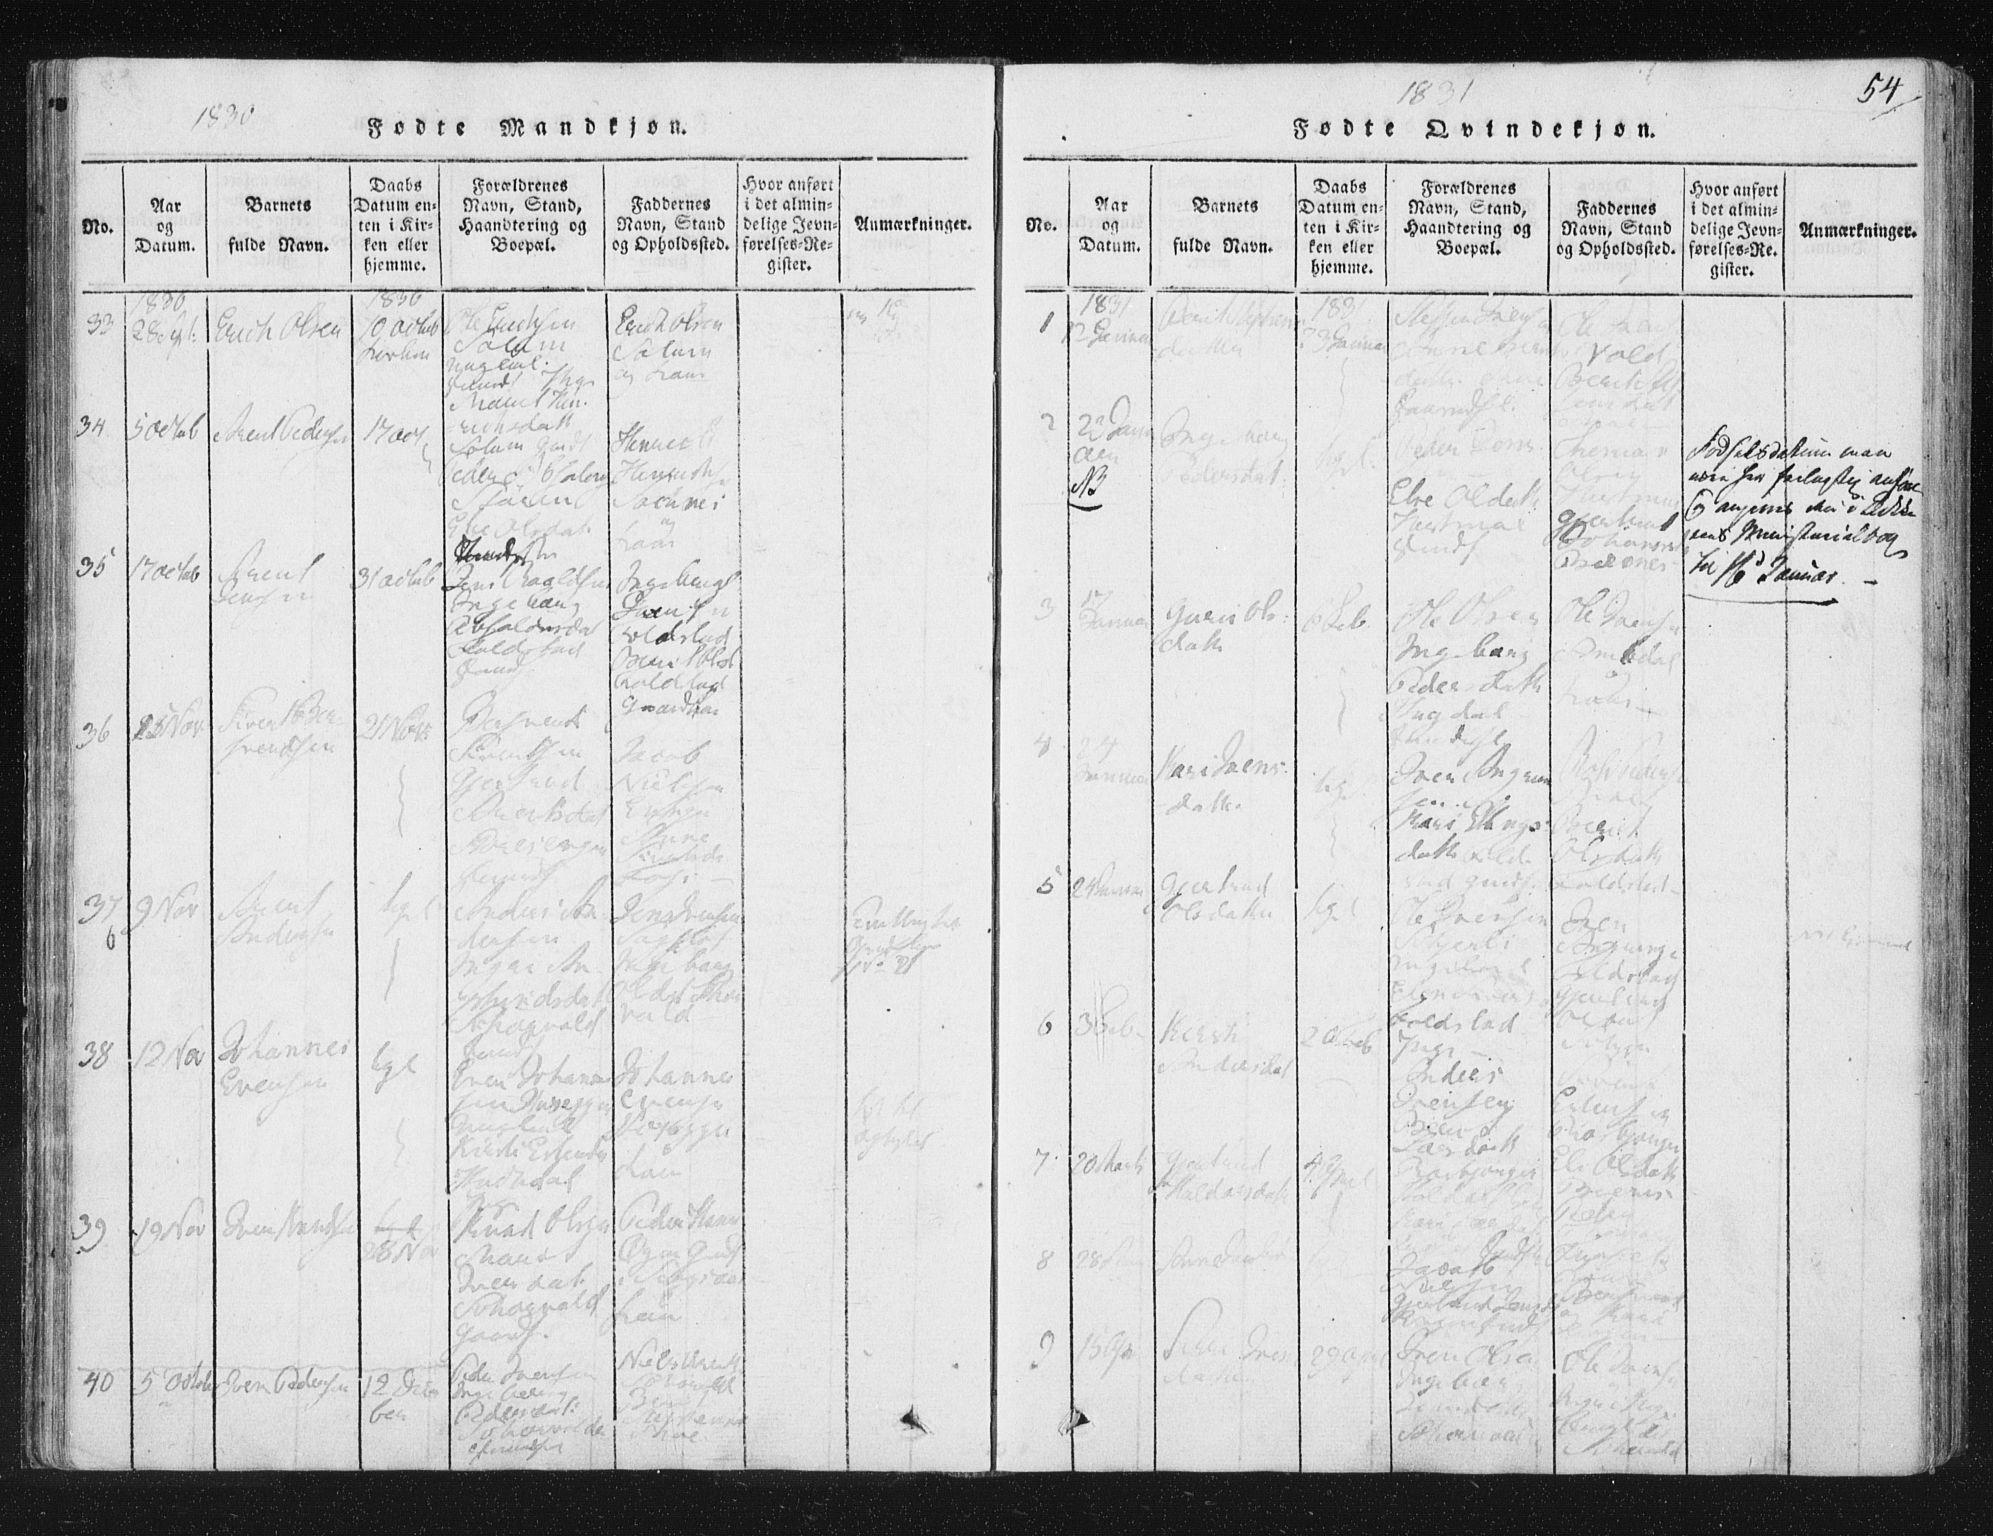 SAT, Ministerialprotokoller, klokkerbøker og fødselsregistre - Sør-Trøndelag, 687/L0996: Ministerialbok nr. 687A04, 1816-1842, s. 54